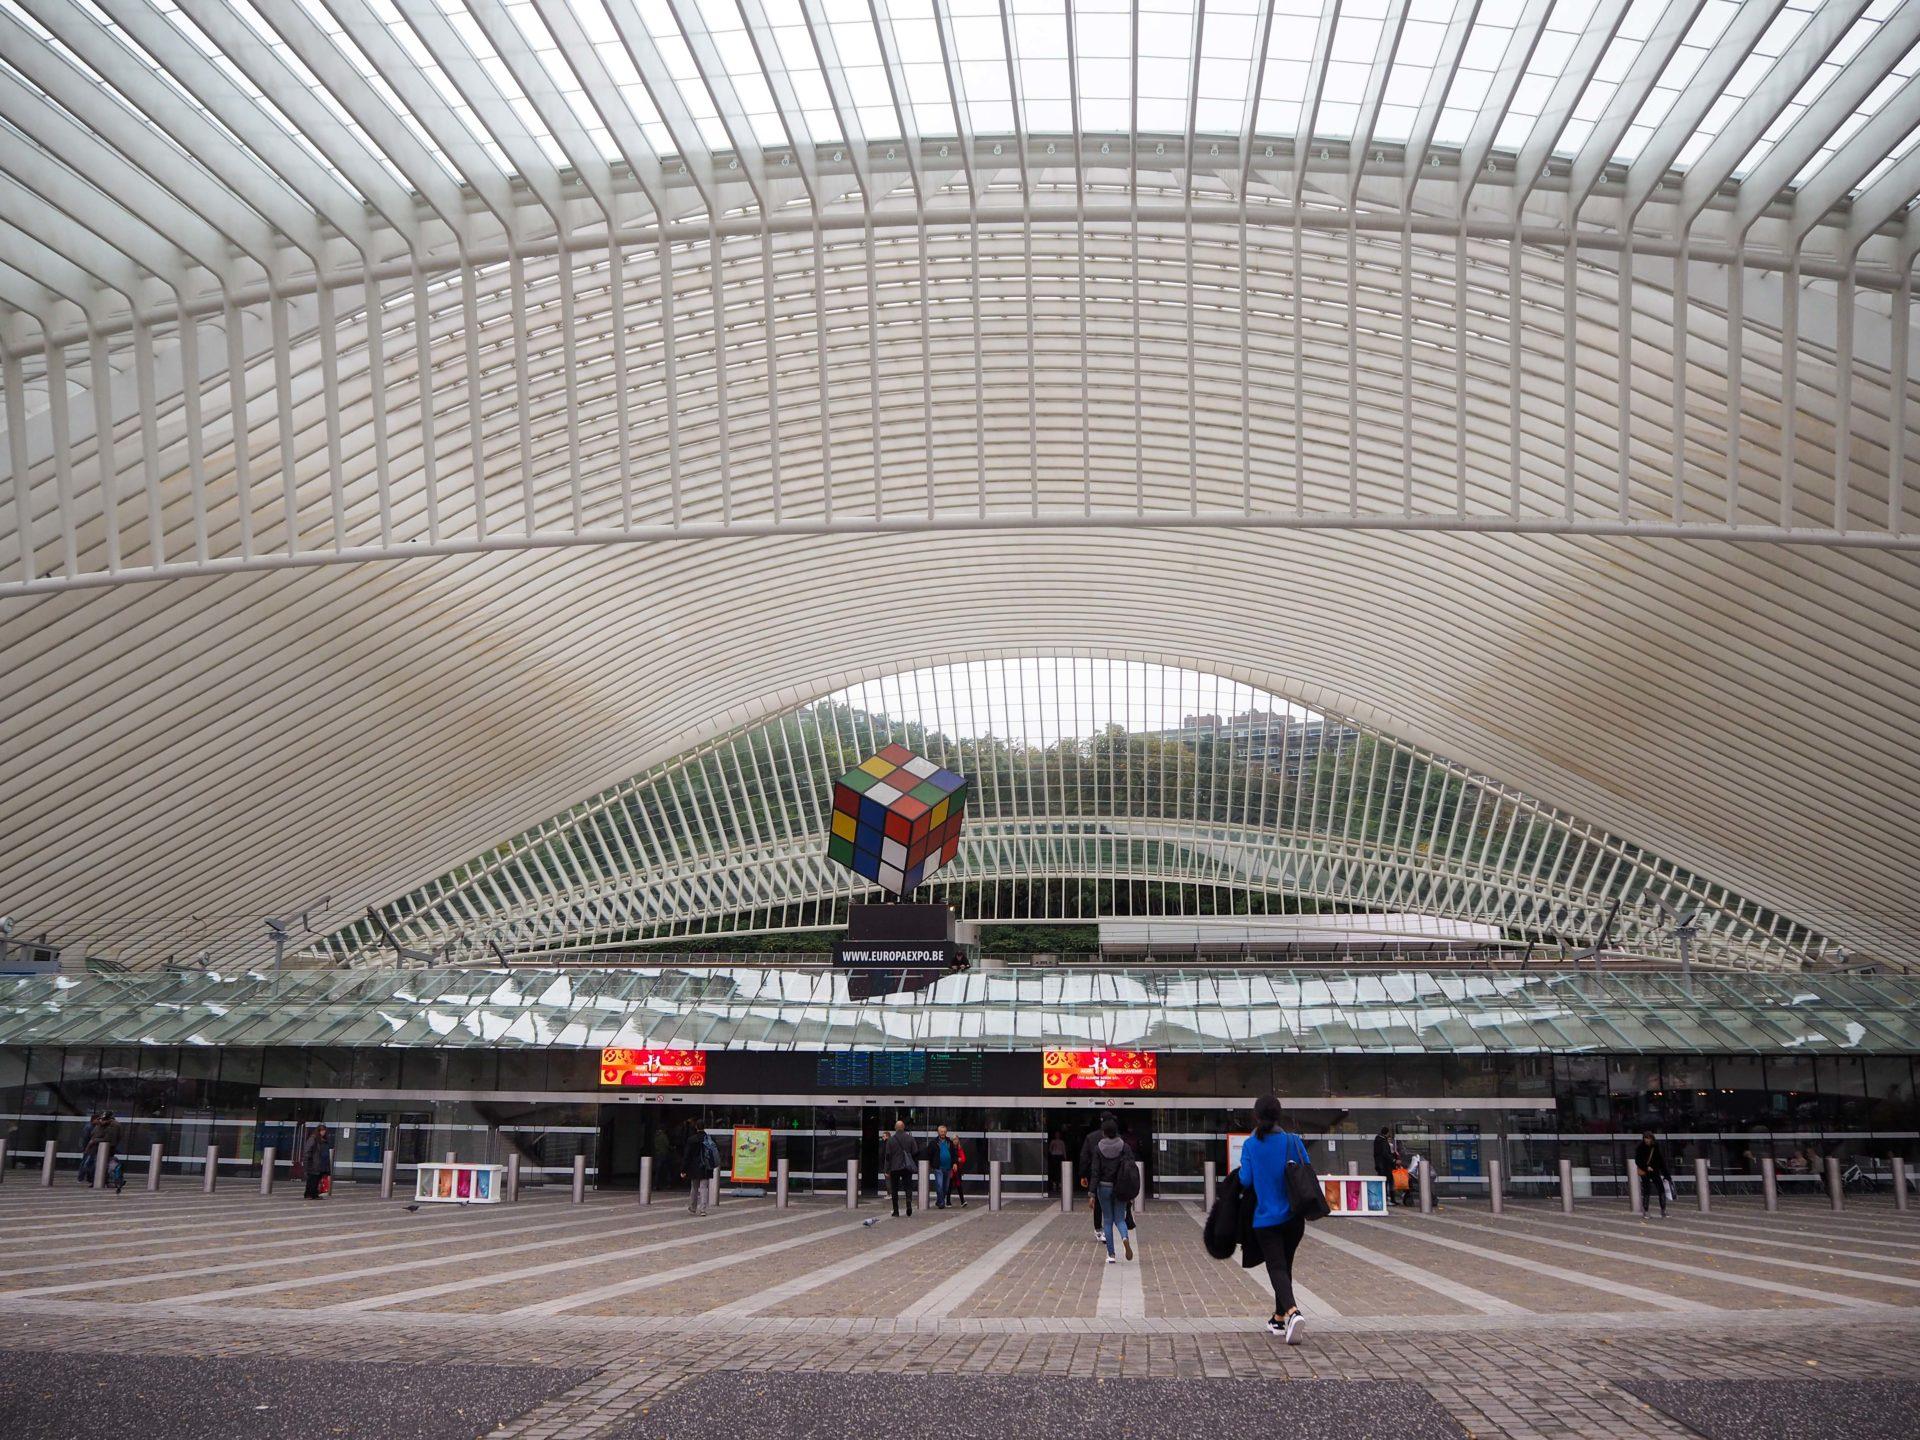 Gare de Liège-Guillemins - Visiter Liège en Belgique en mode slow - Que faire et que visiter à Liège? - Adresses slow et gourmandes à Liège - Informations pratiques pour visiter Liège et en tomber amoureuse en quelques instants!